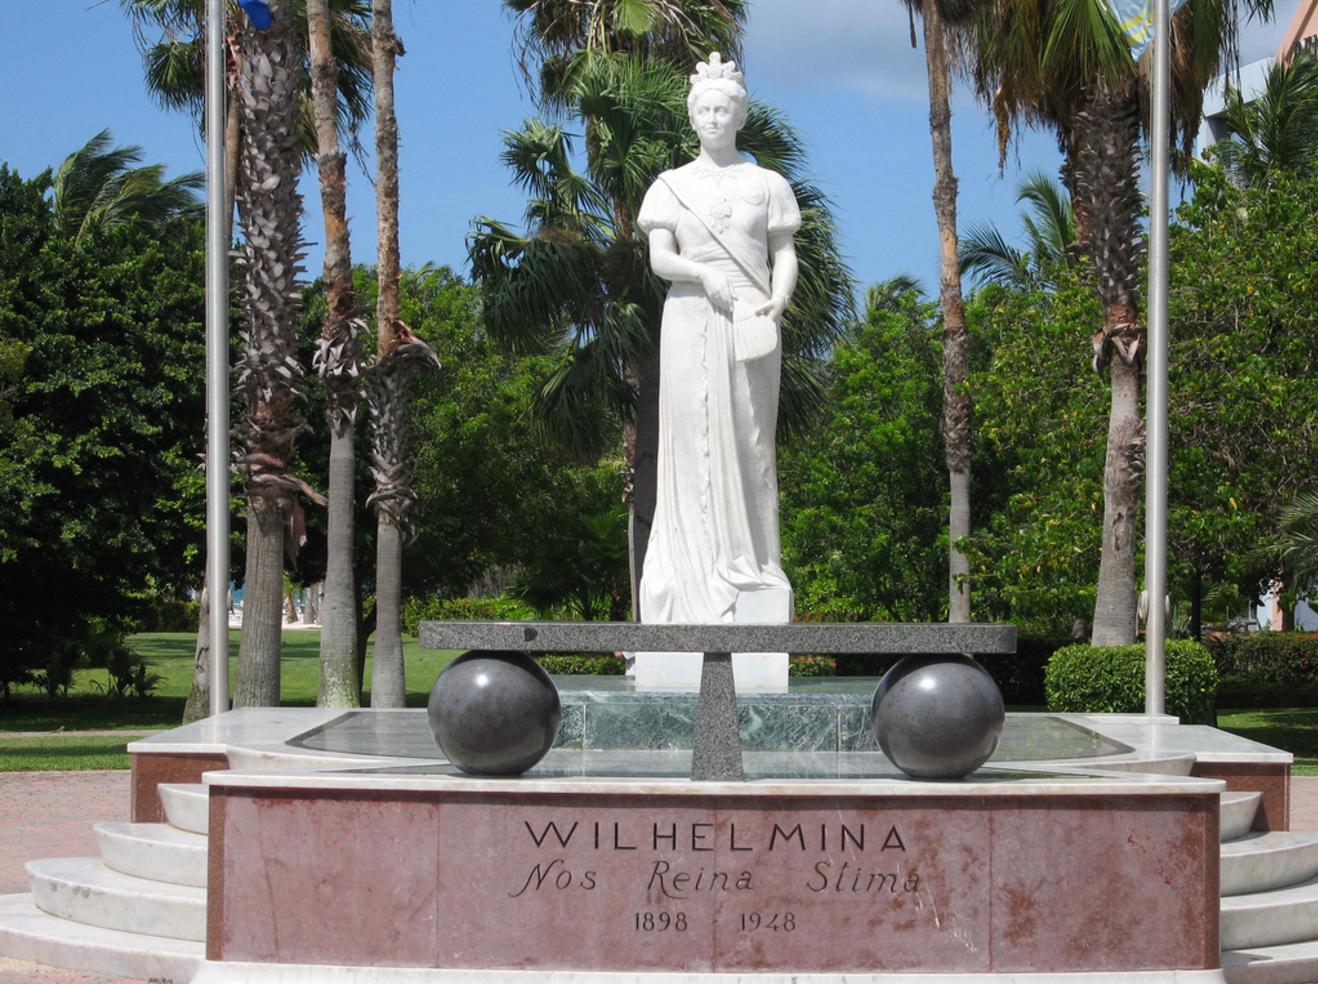 Wilhelmina Park, Aruba